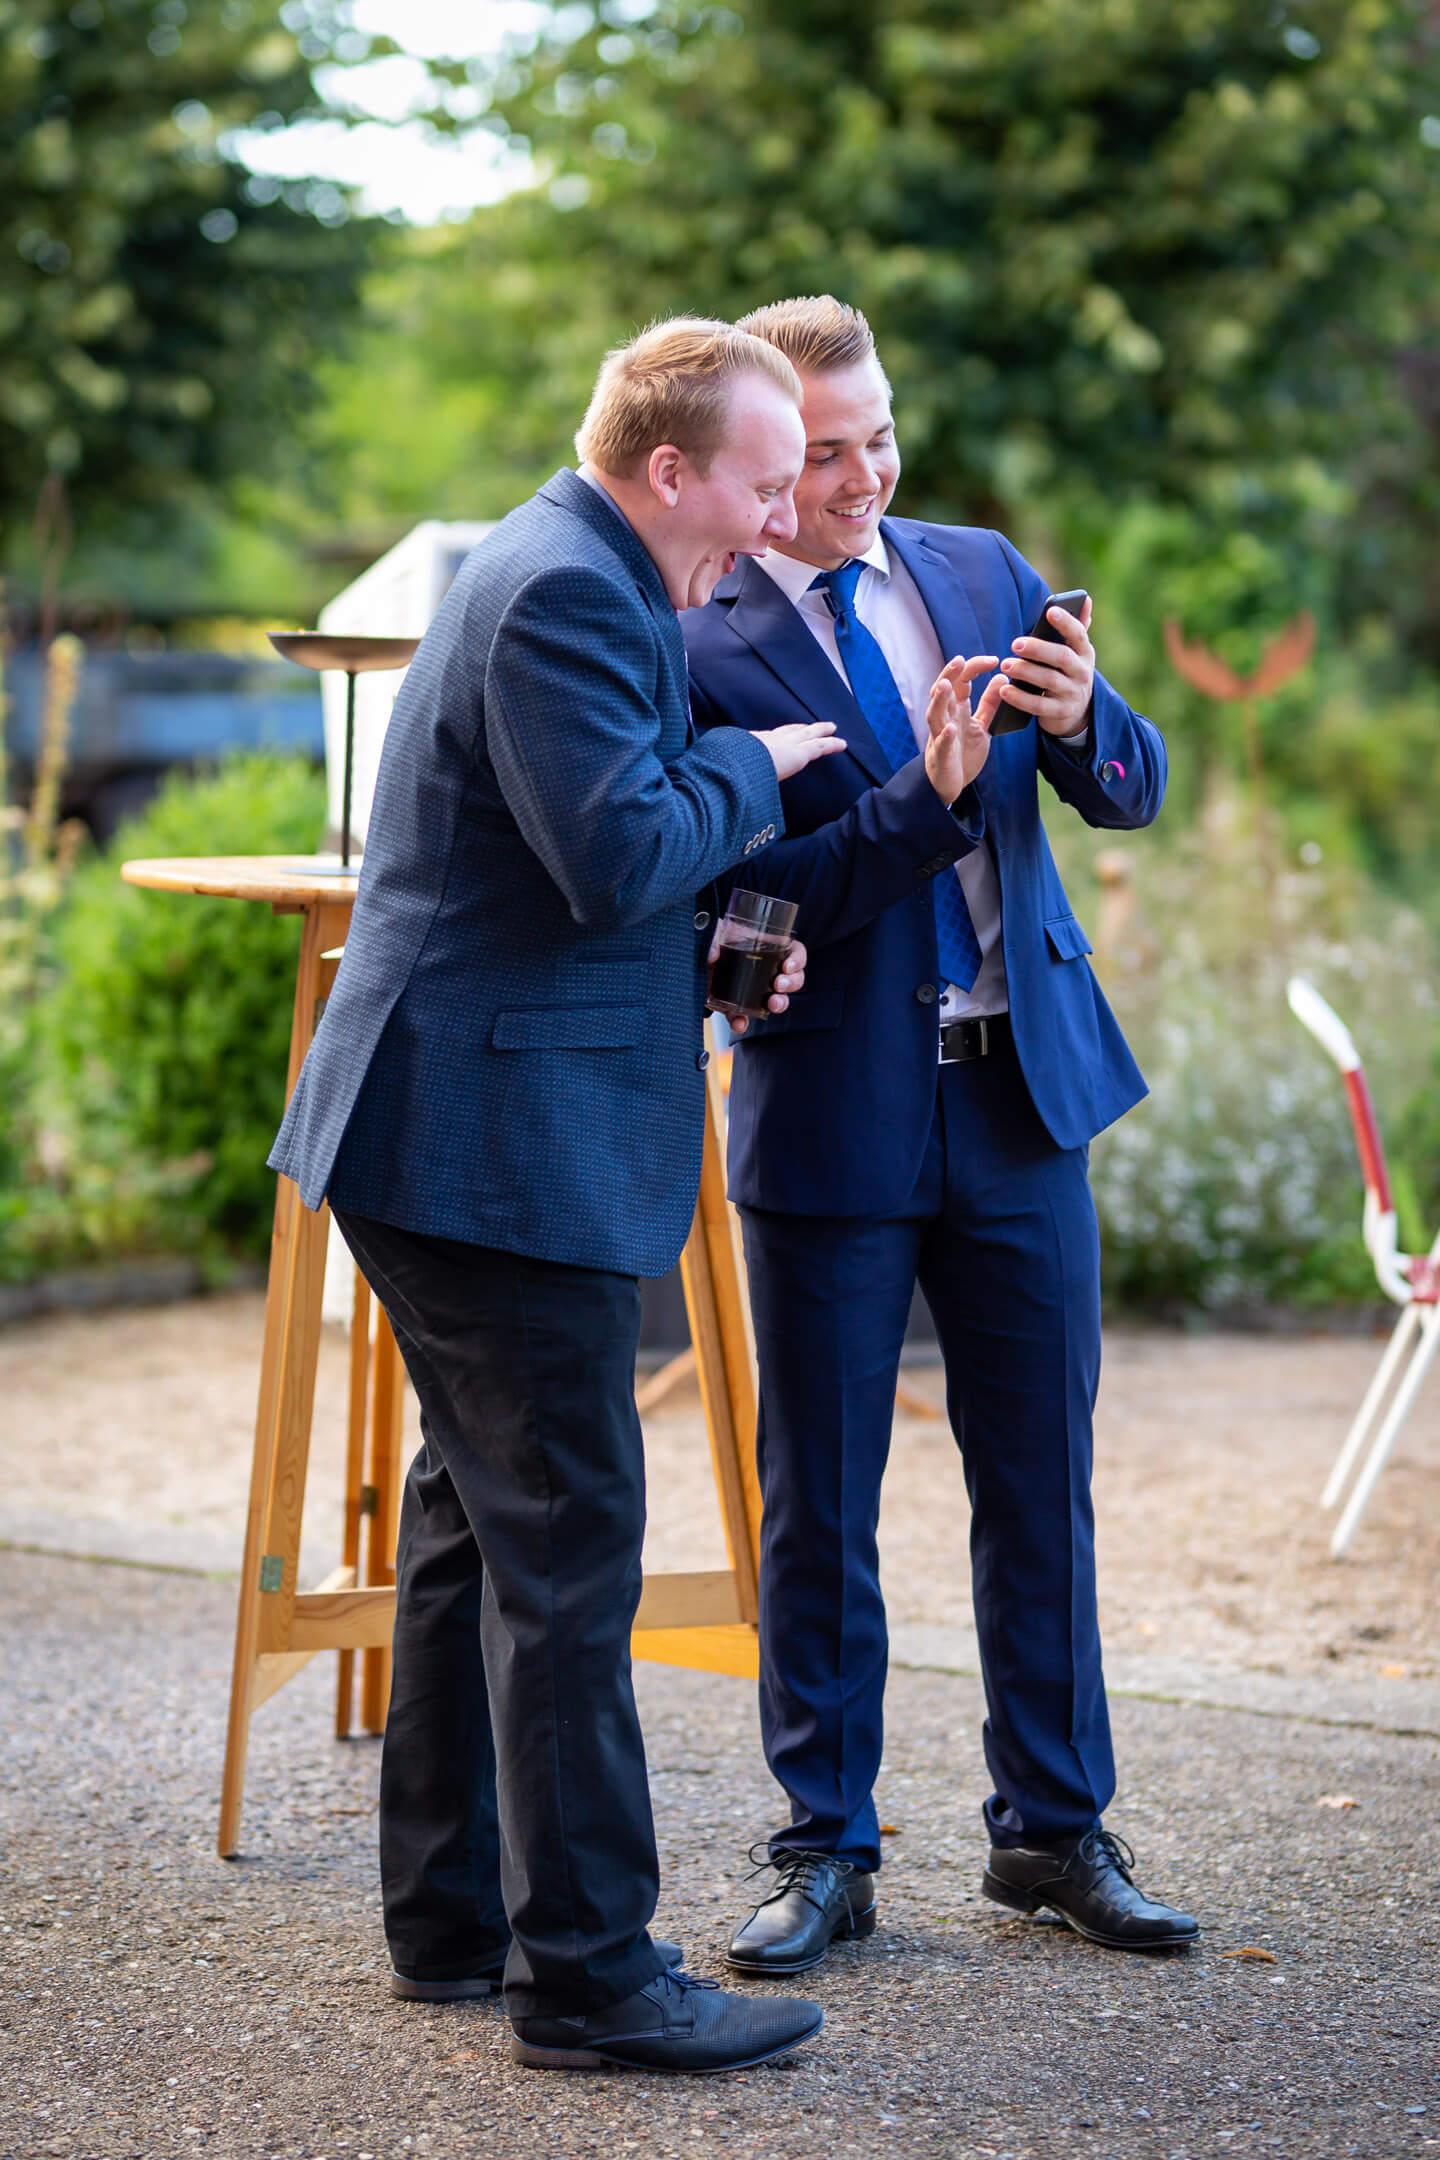 Zwei Gäste schauen lachend auf ein Handy während einer rauchpause vor der Tür der Hochzeitslocation